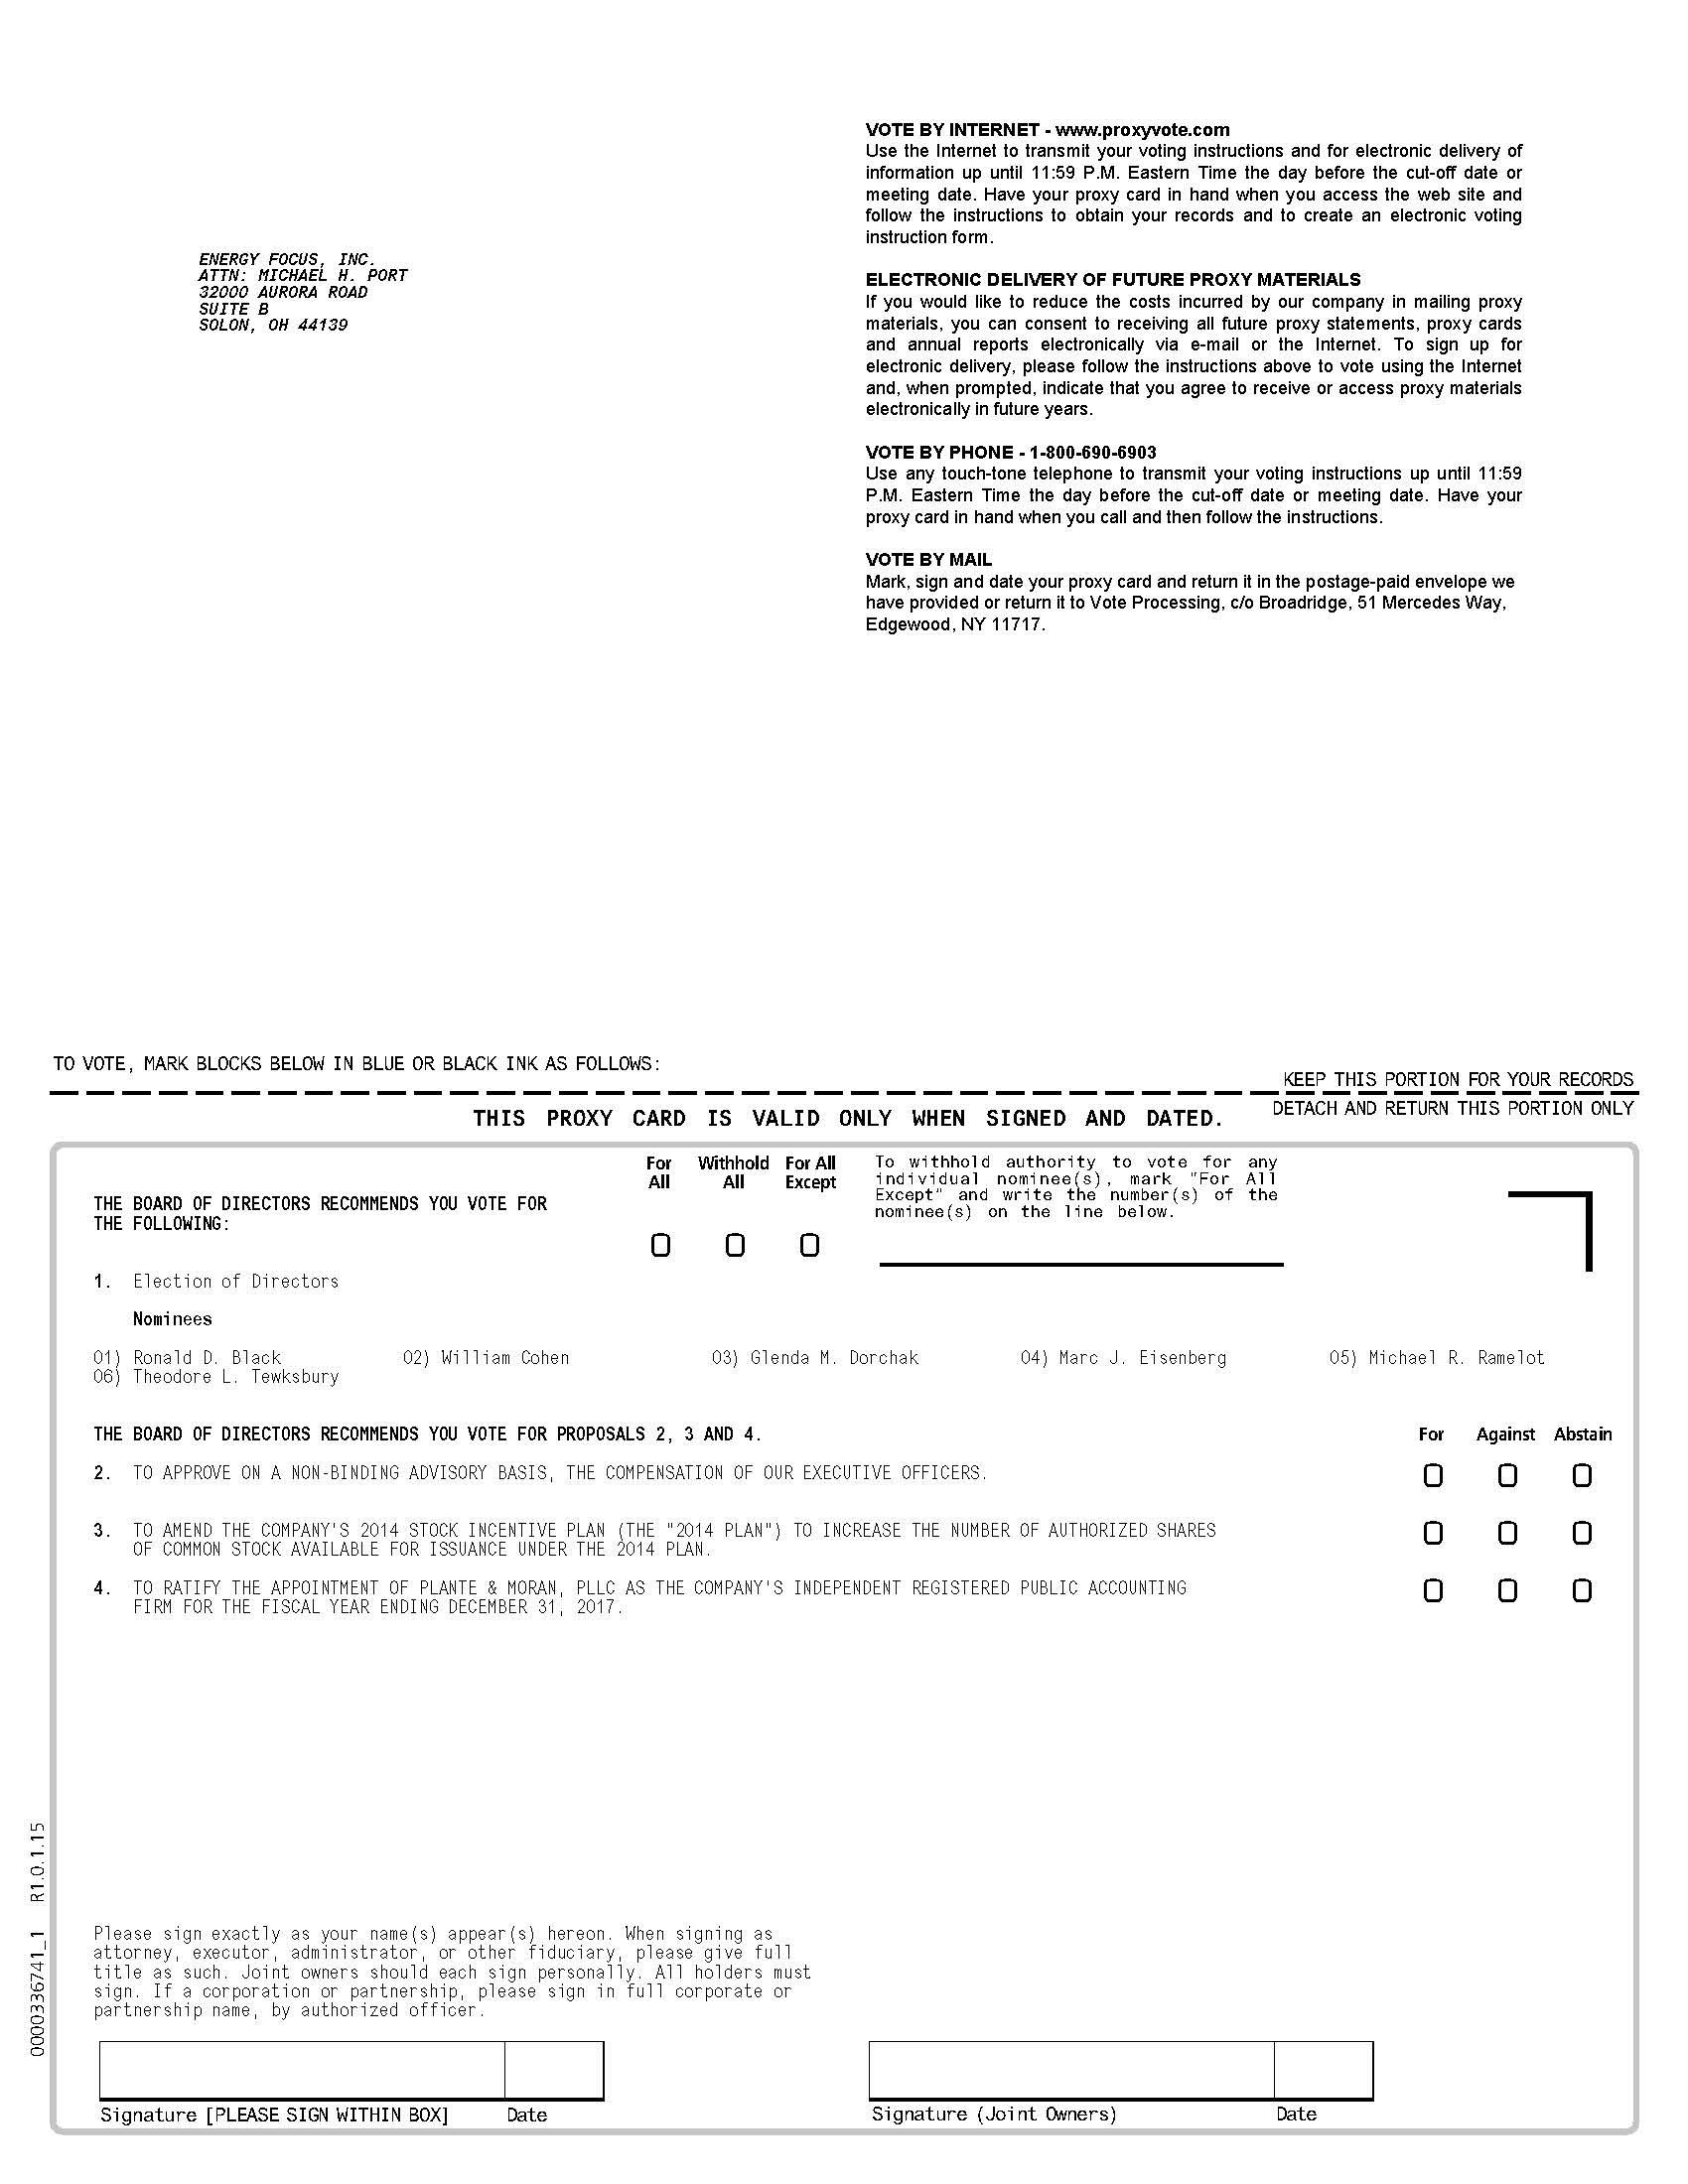 A2017EFOIPROXYCARD0425A01.JPG